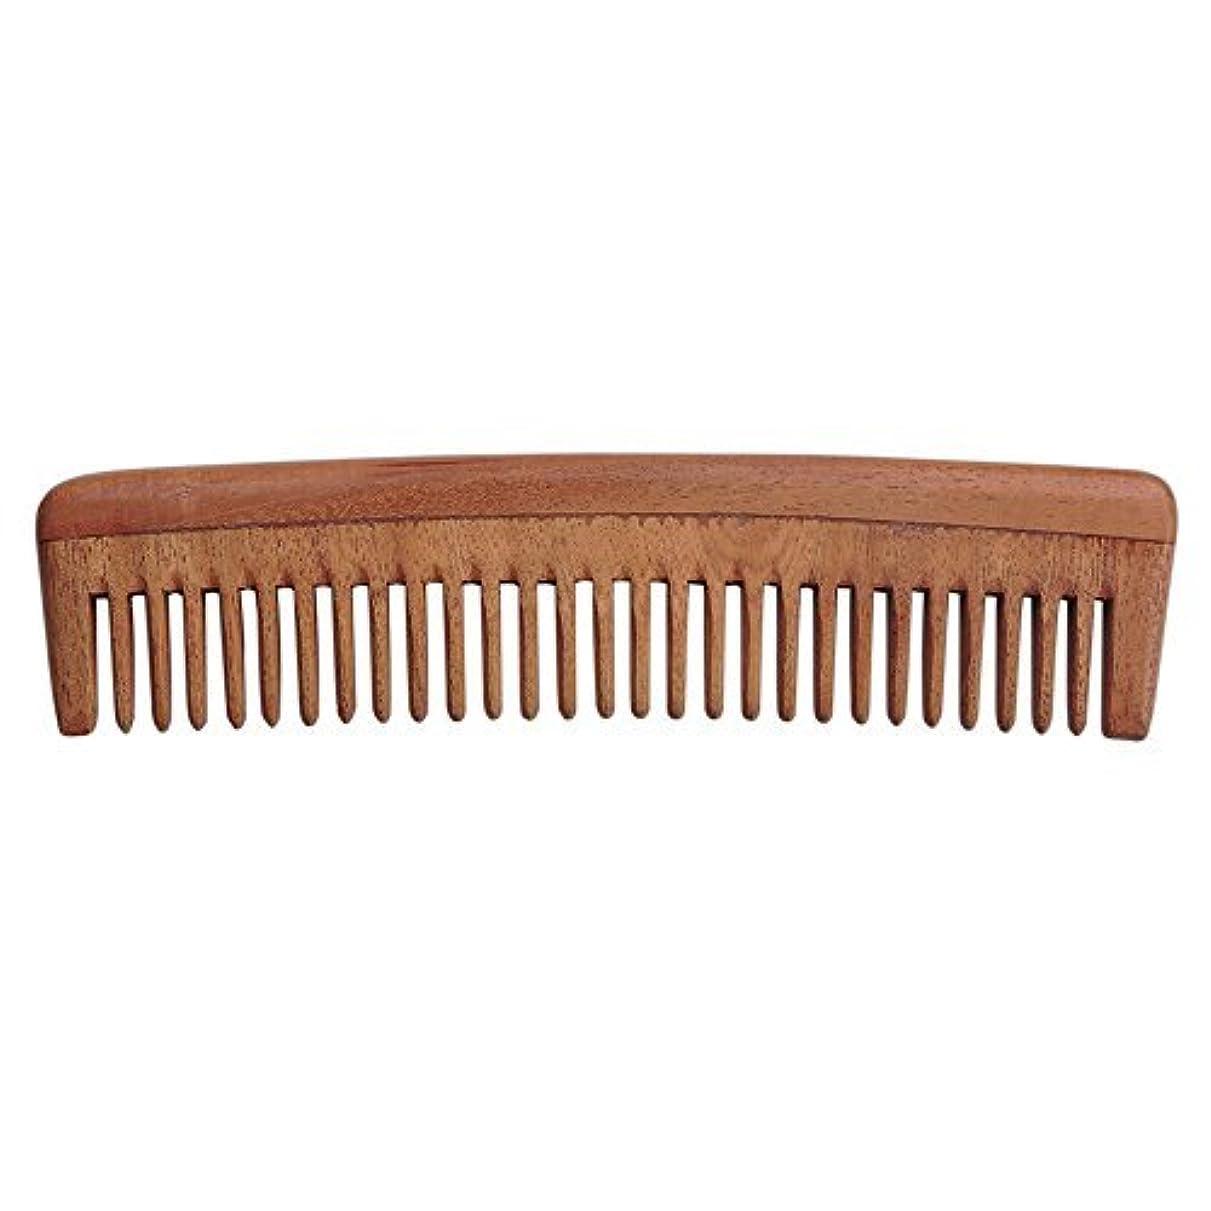 場合ヘルメット談話HealthGoodsIn - Pure Neem Wood Wide Tooth Comb for Shiny Hair | Wide Tooth Comb | Natural and Organic for Hair and Scalp Health [並行輸入品]